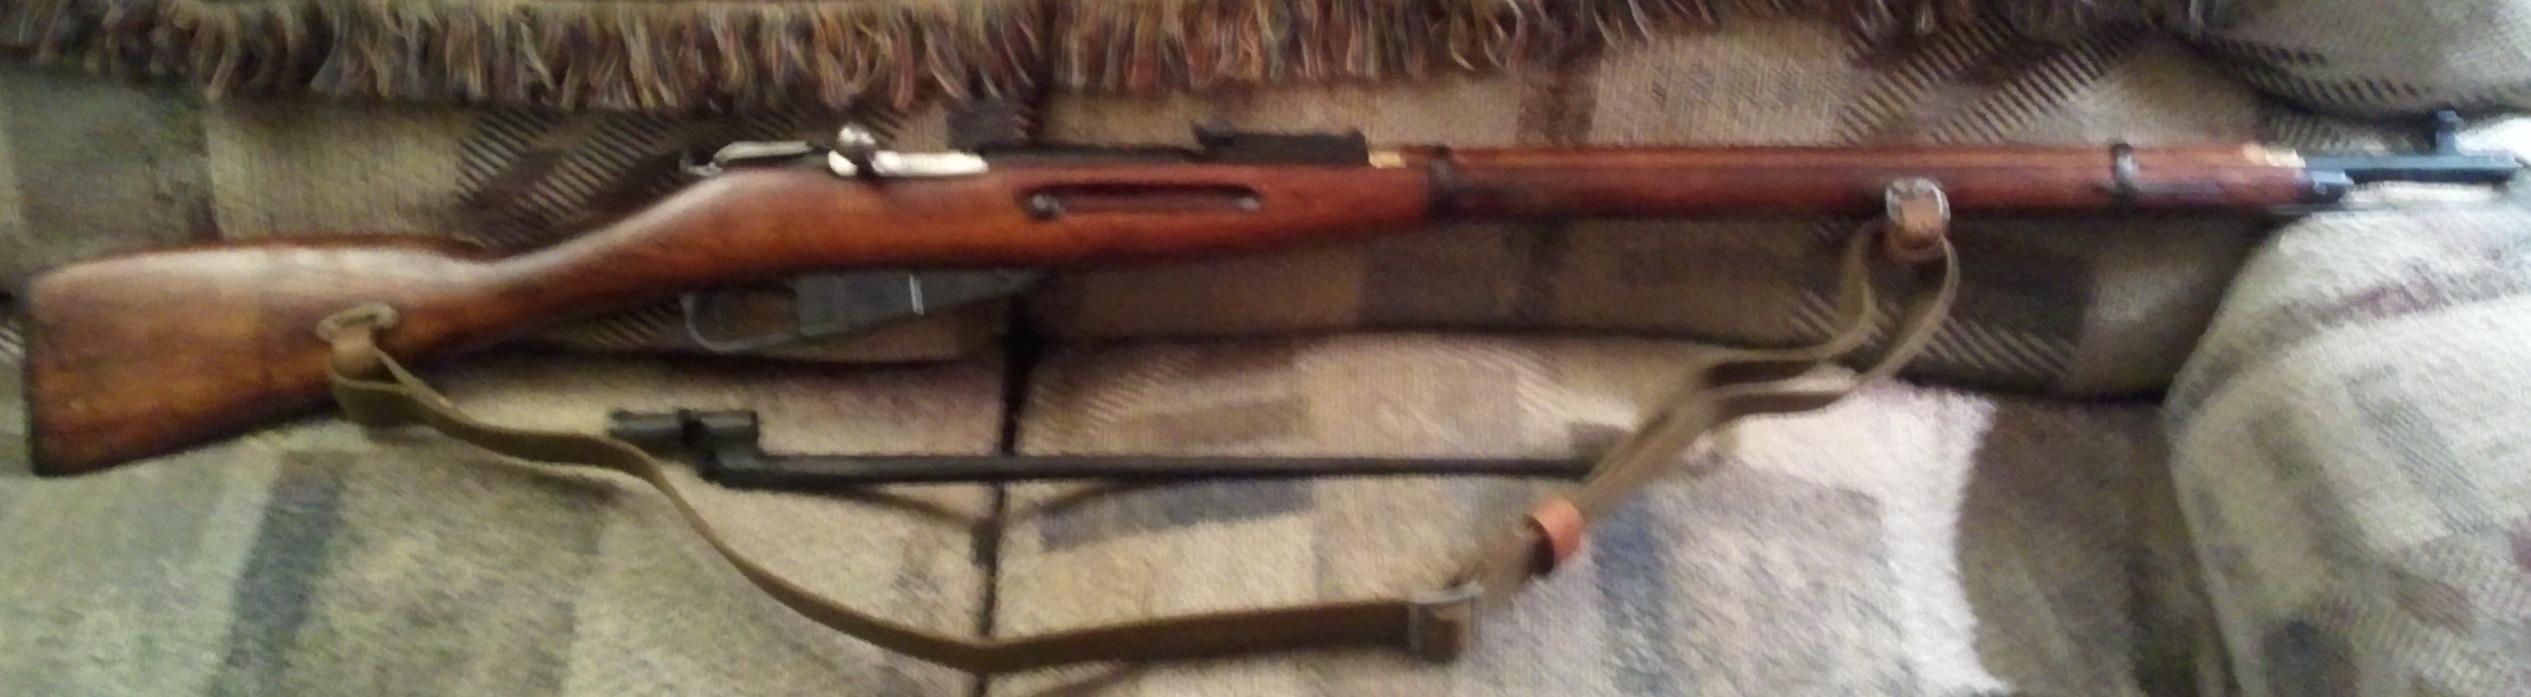 Surplus Rifles Part 1 Mosin Nagant m91